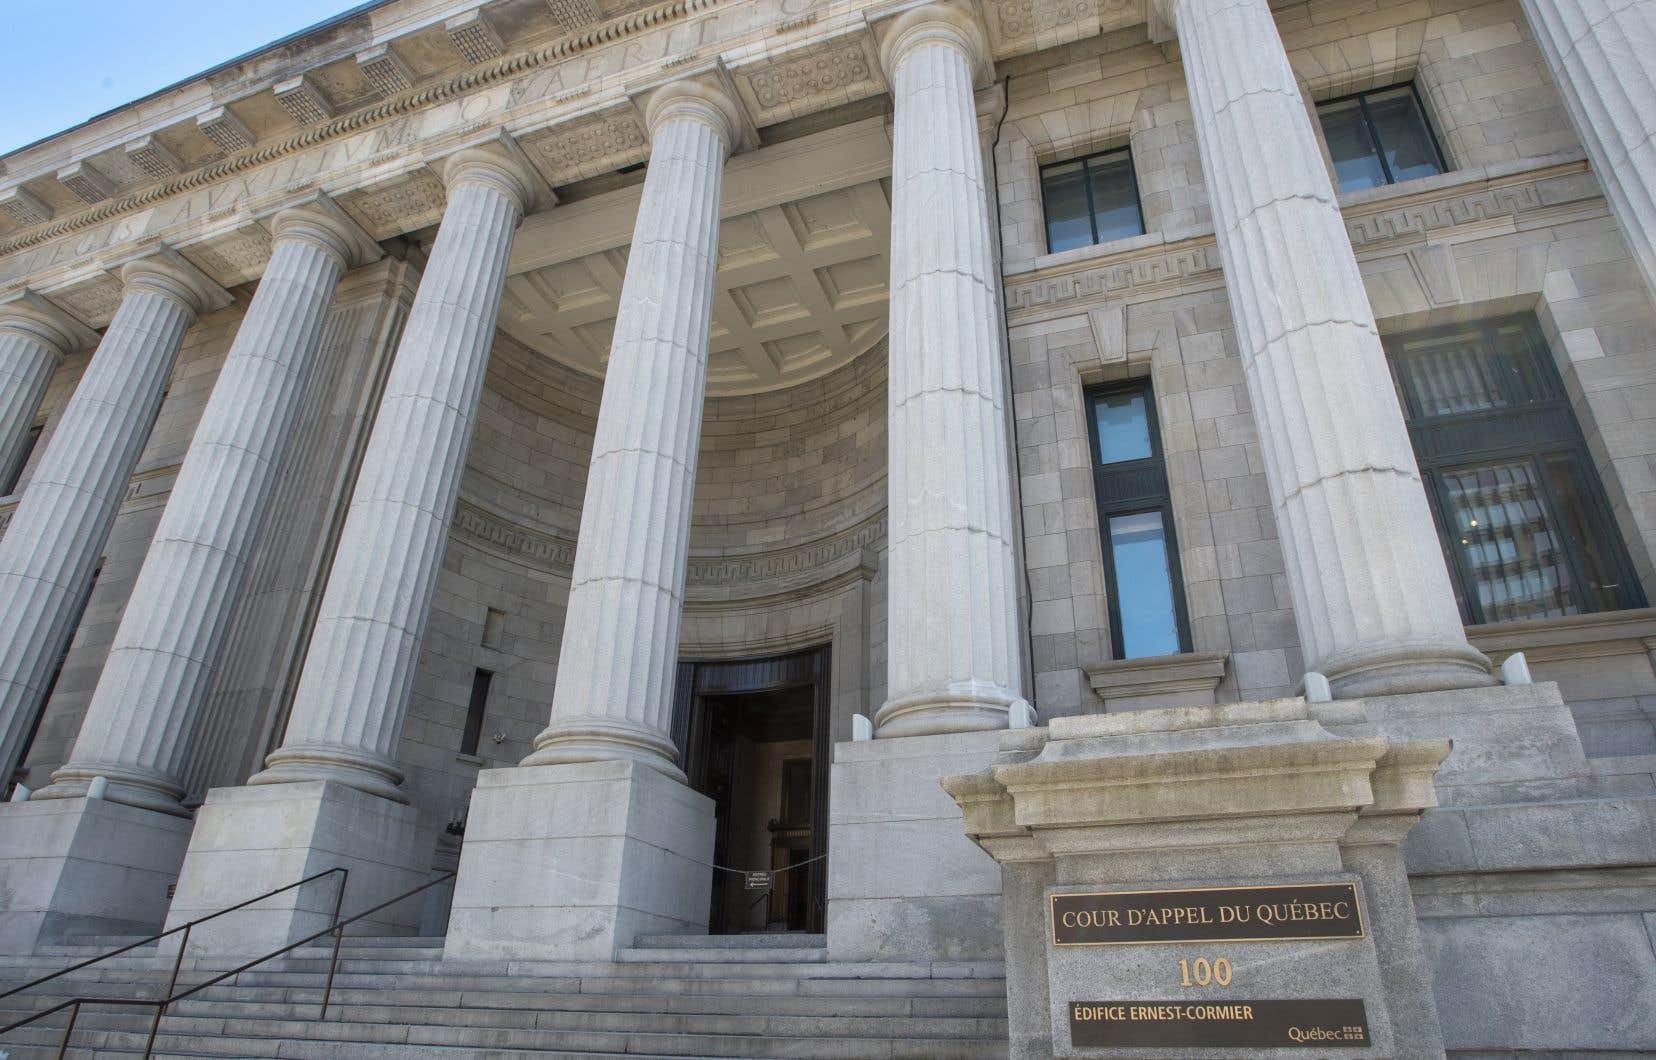 La Cour d'appel du Québec a maintenu que les coroners à temps partiel n'étaient pas des salariés au sens du Code du travail.